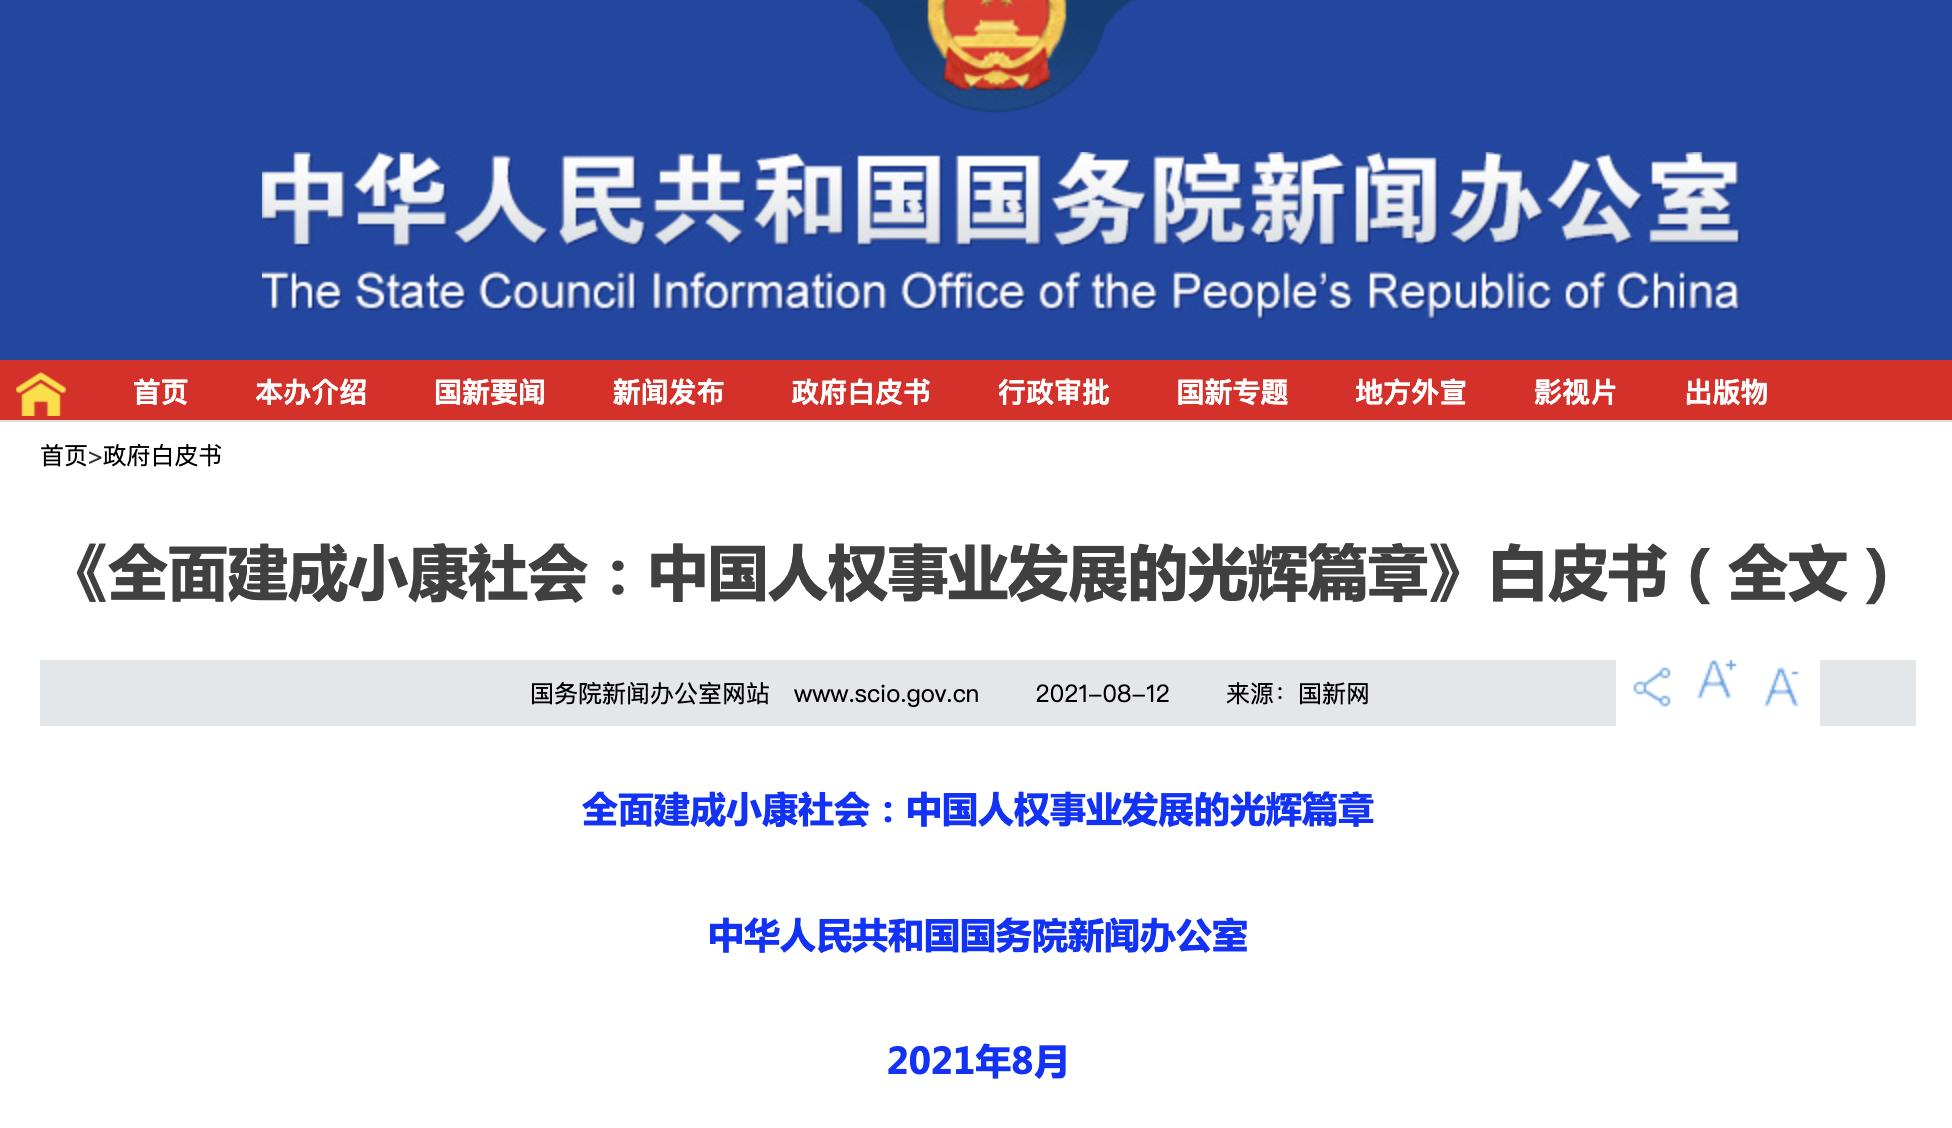 全面建成小康社会:中国人权事业发展的光辉篇章